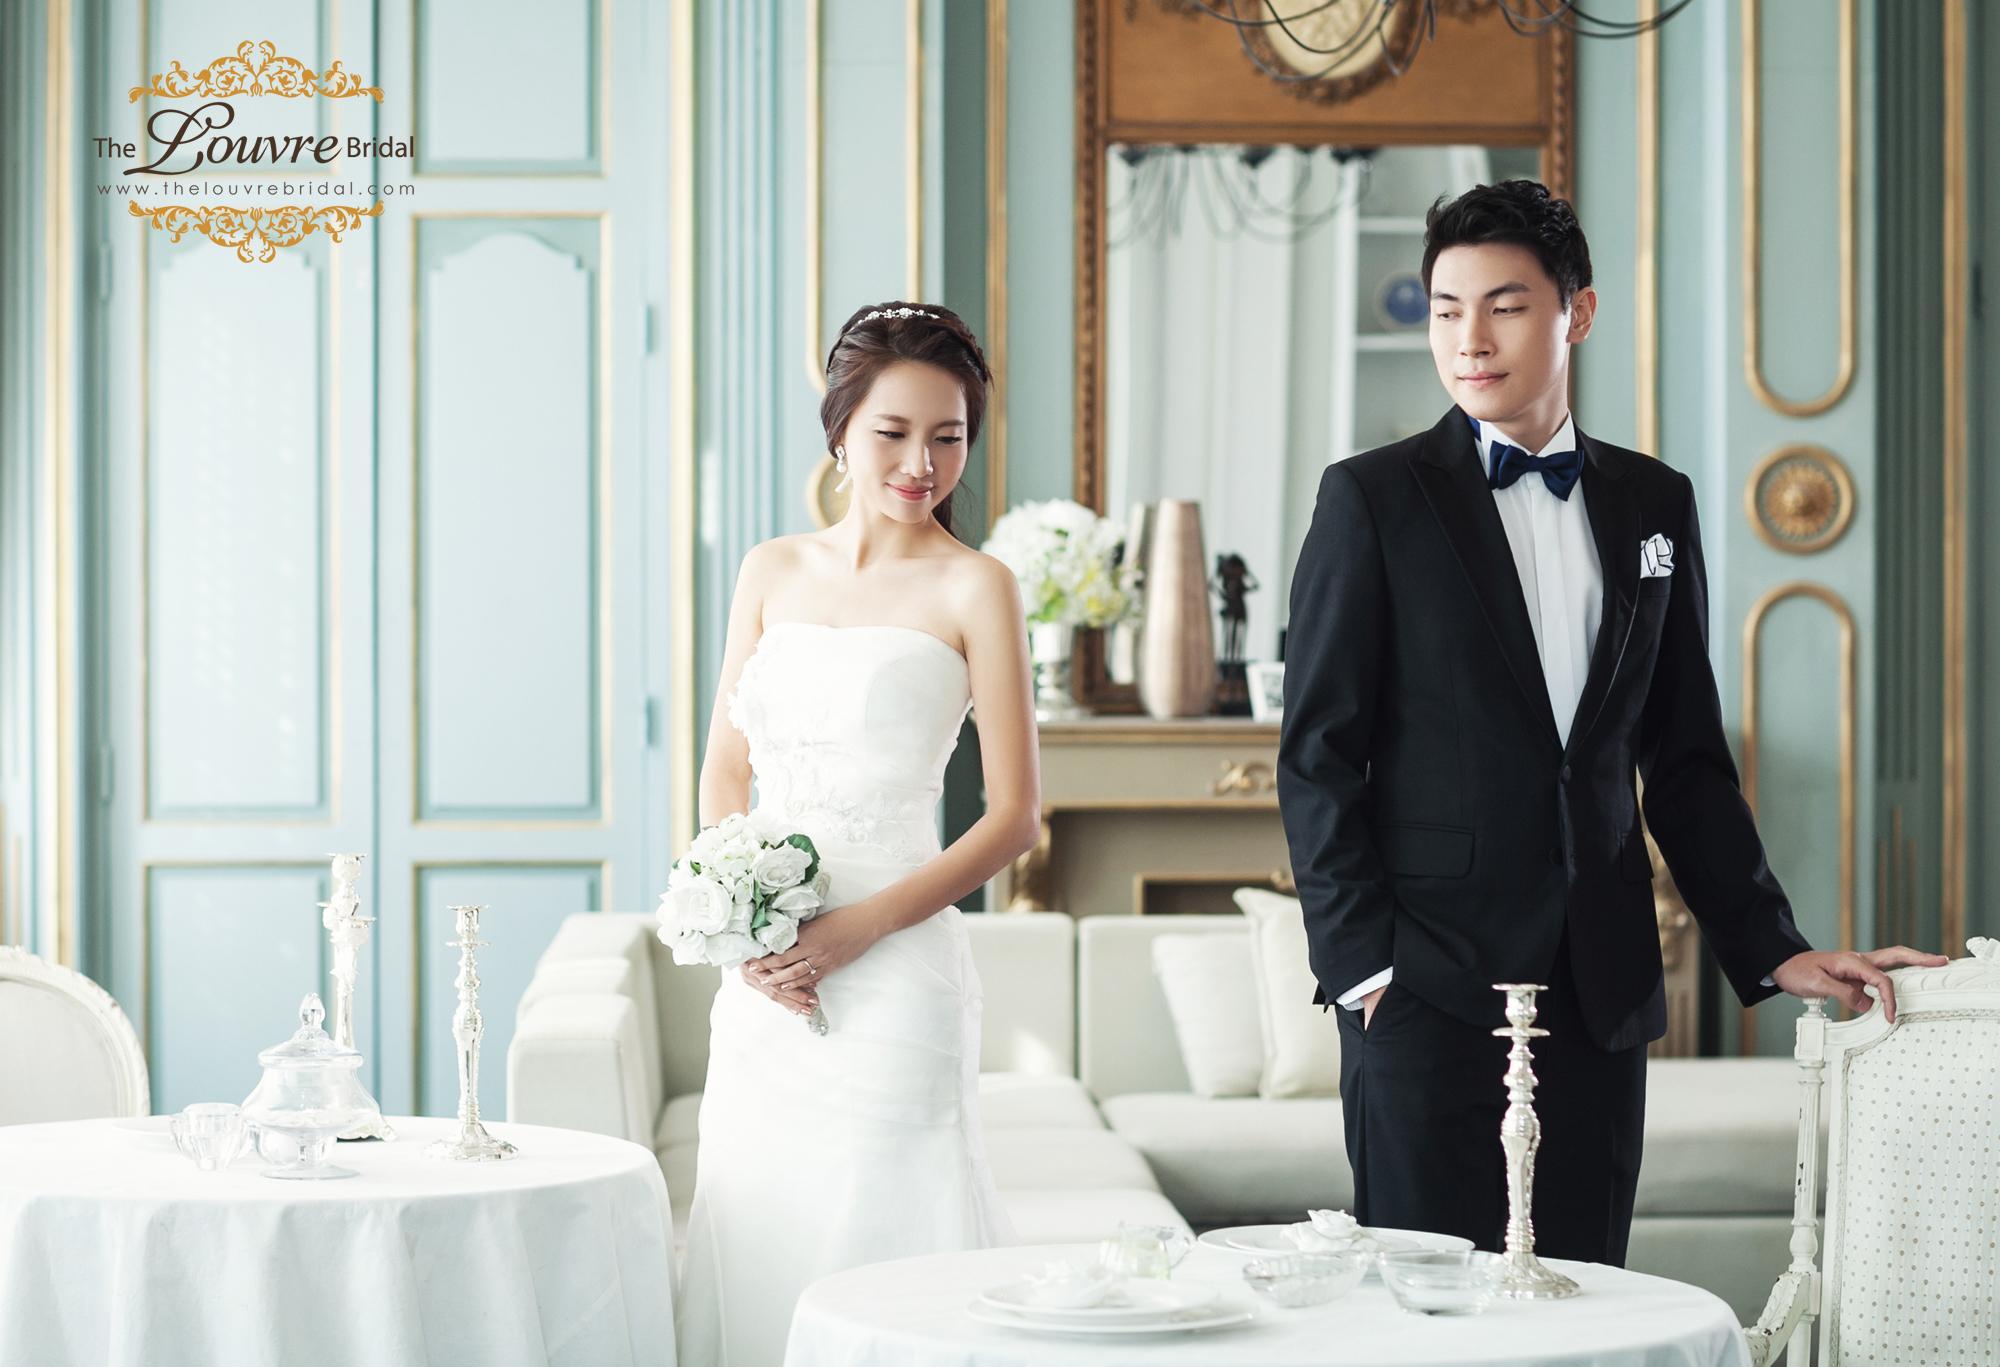 Fulfill Your Elegant K-Wedding Dreams!